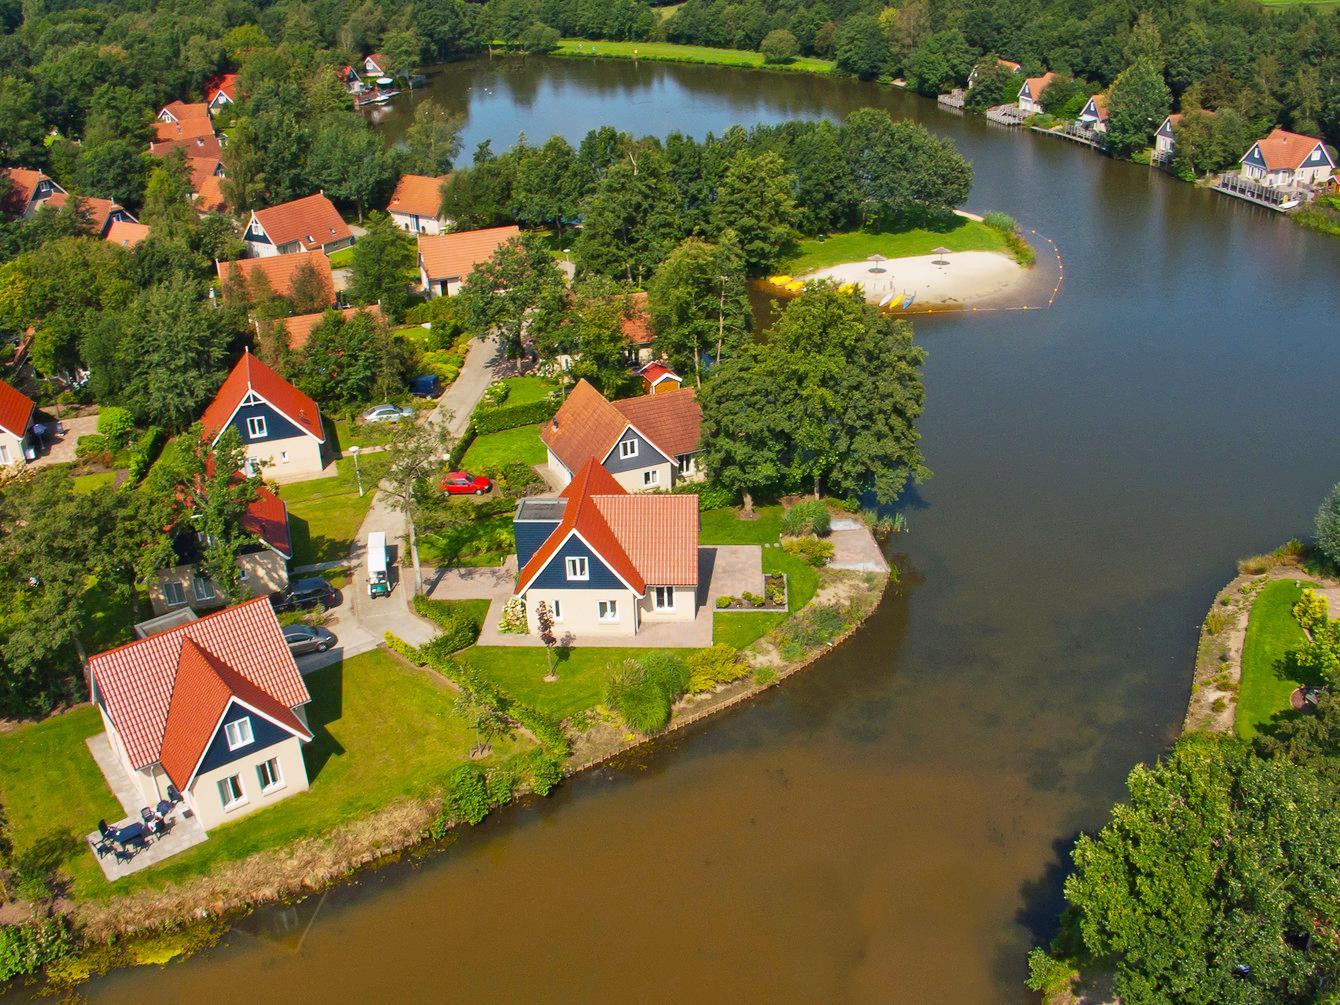 Goedkope vakantie Drenthe 🚗️Het Timmerholt